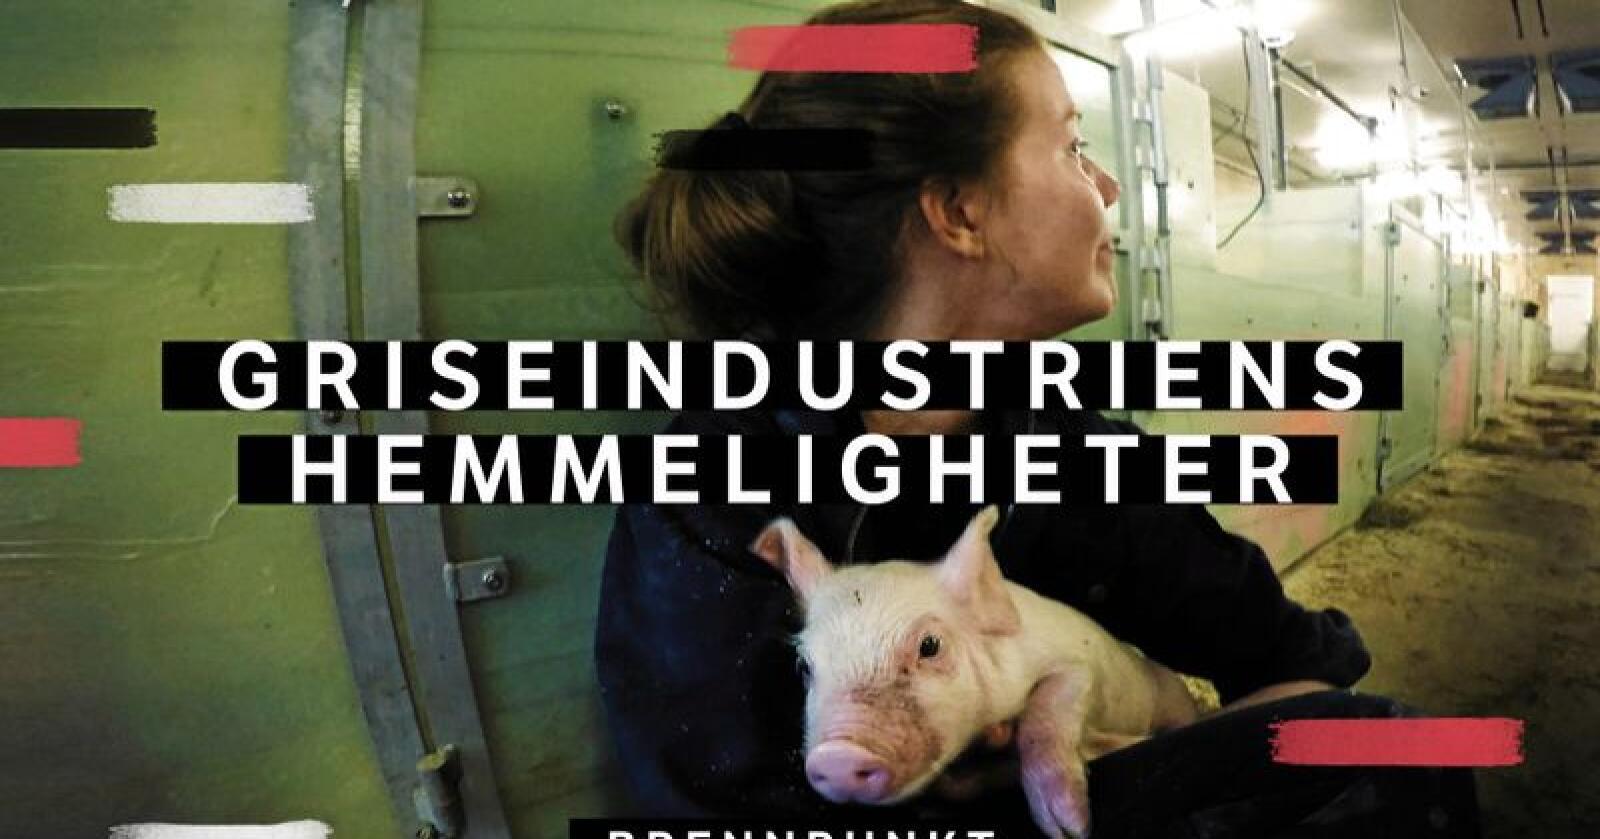 Økokrim skal undersøke om Griseindustriens hemmeligheter viser forhold som bør etterforskes. Foto: NRK